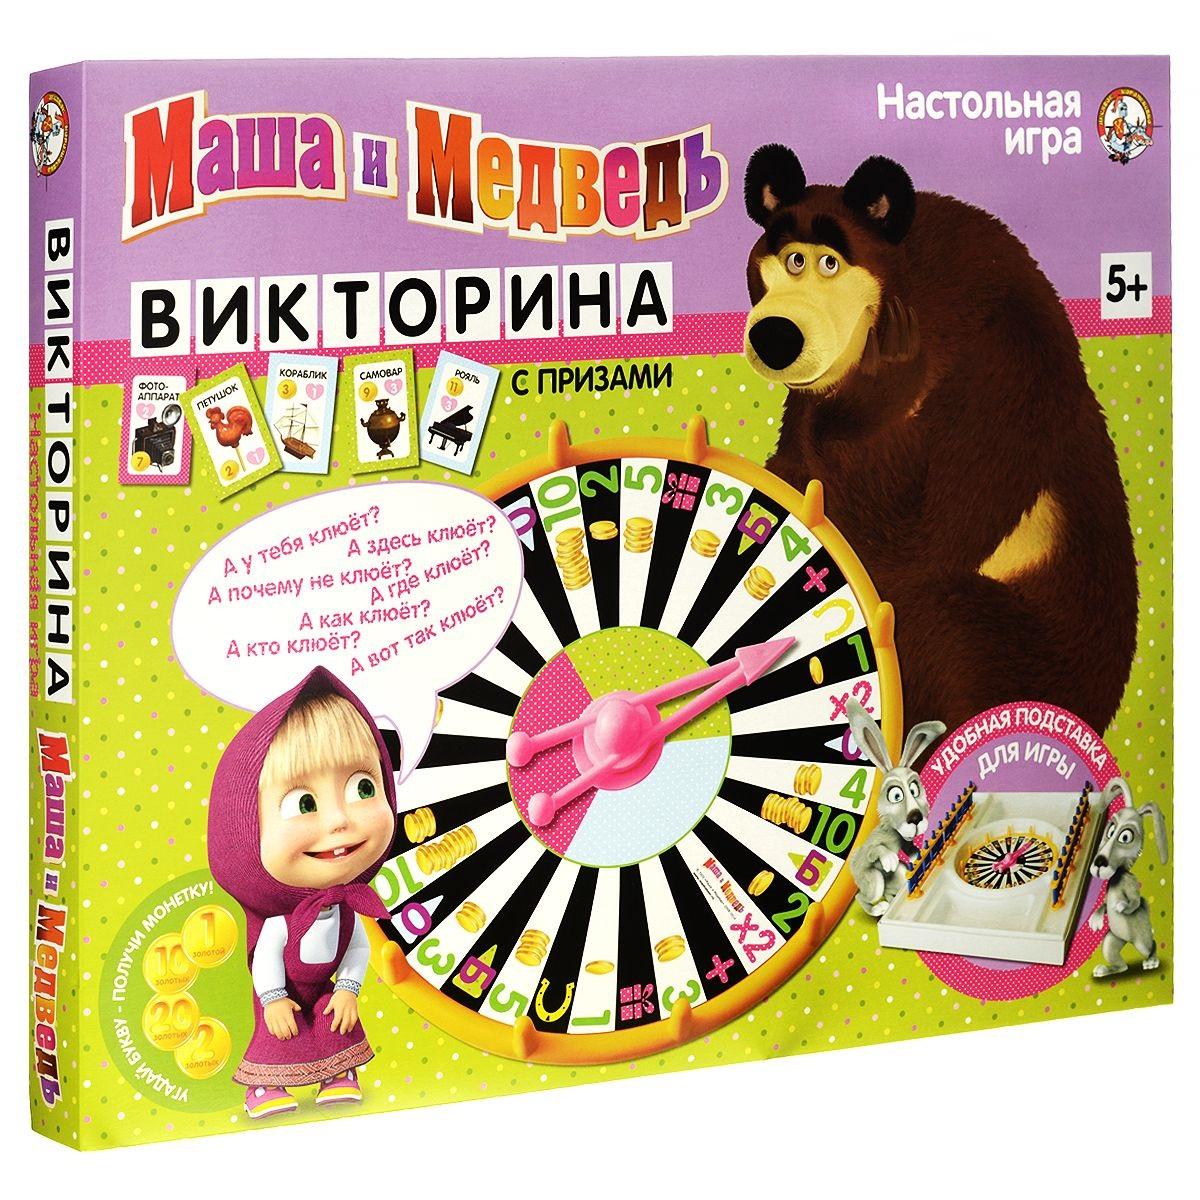 Игра настольная-викторина Маша и МедведьВикторины<br>Игра настольная-викторина Маша и Медведь<br>